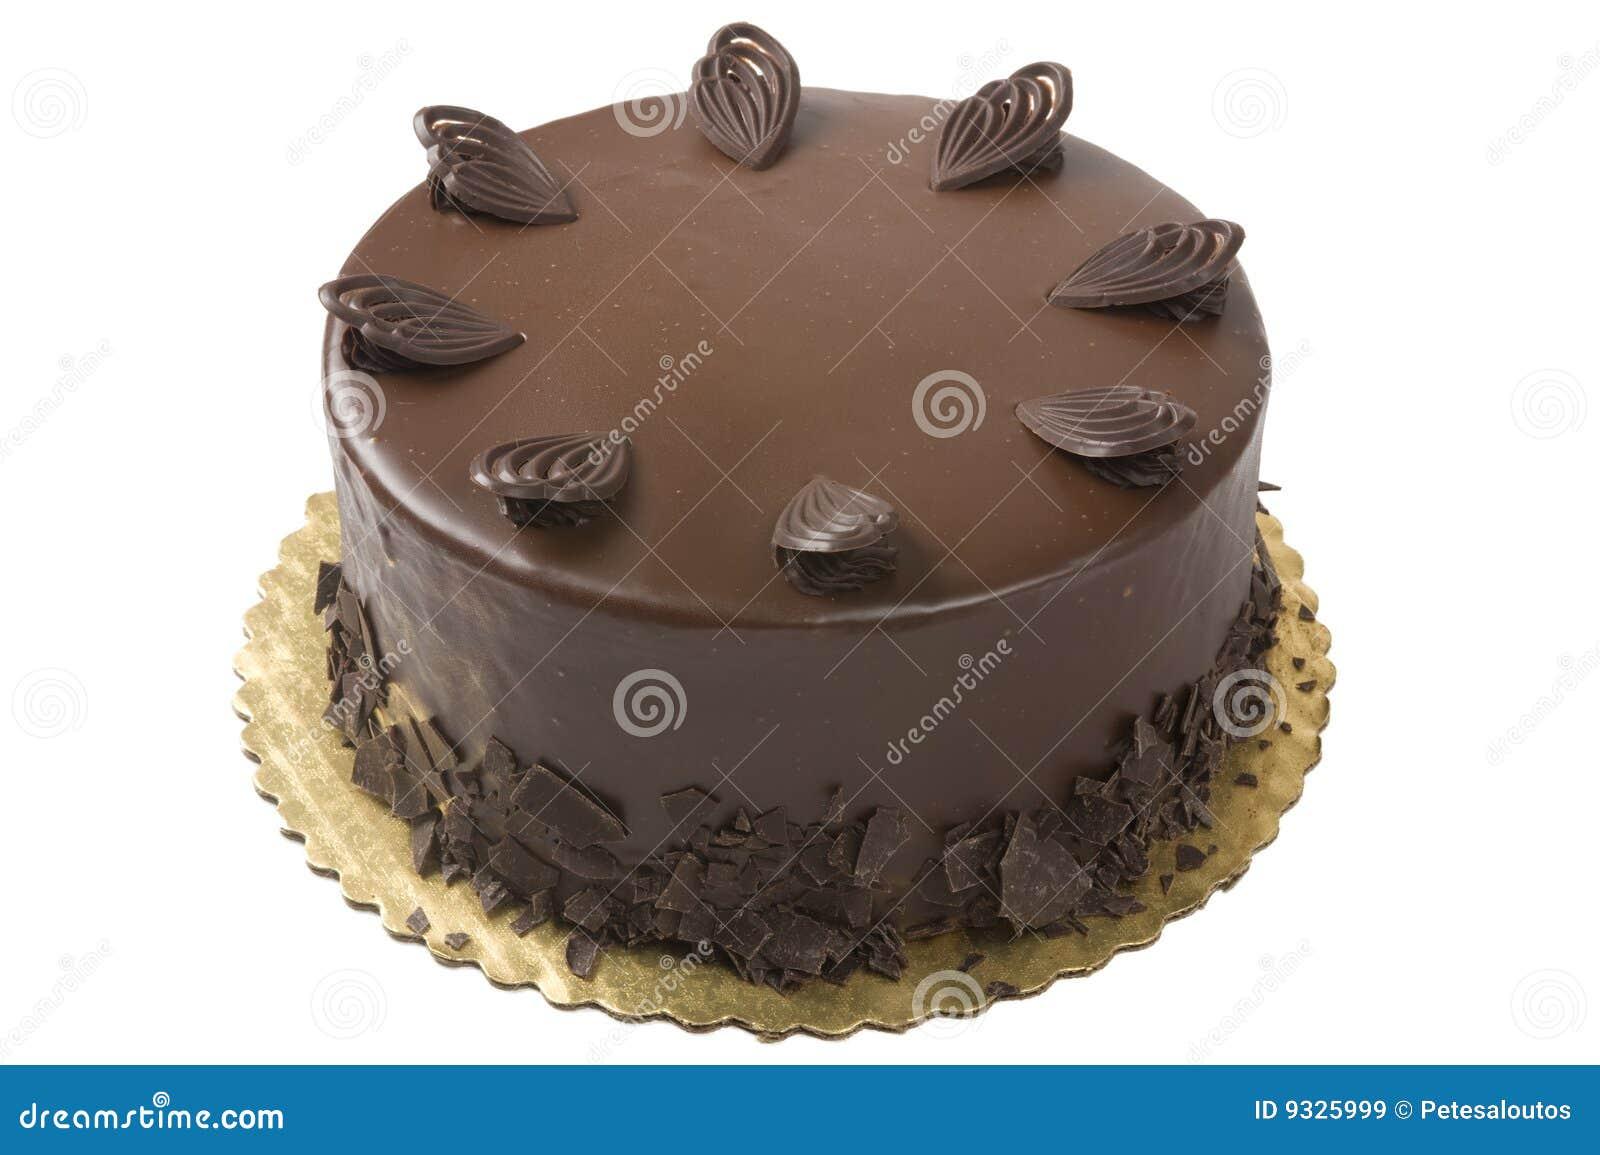 Durcissez le gourmet de chocolat